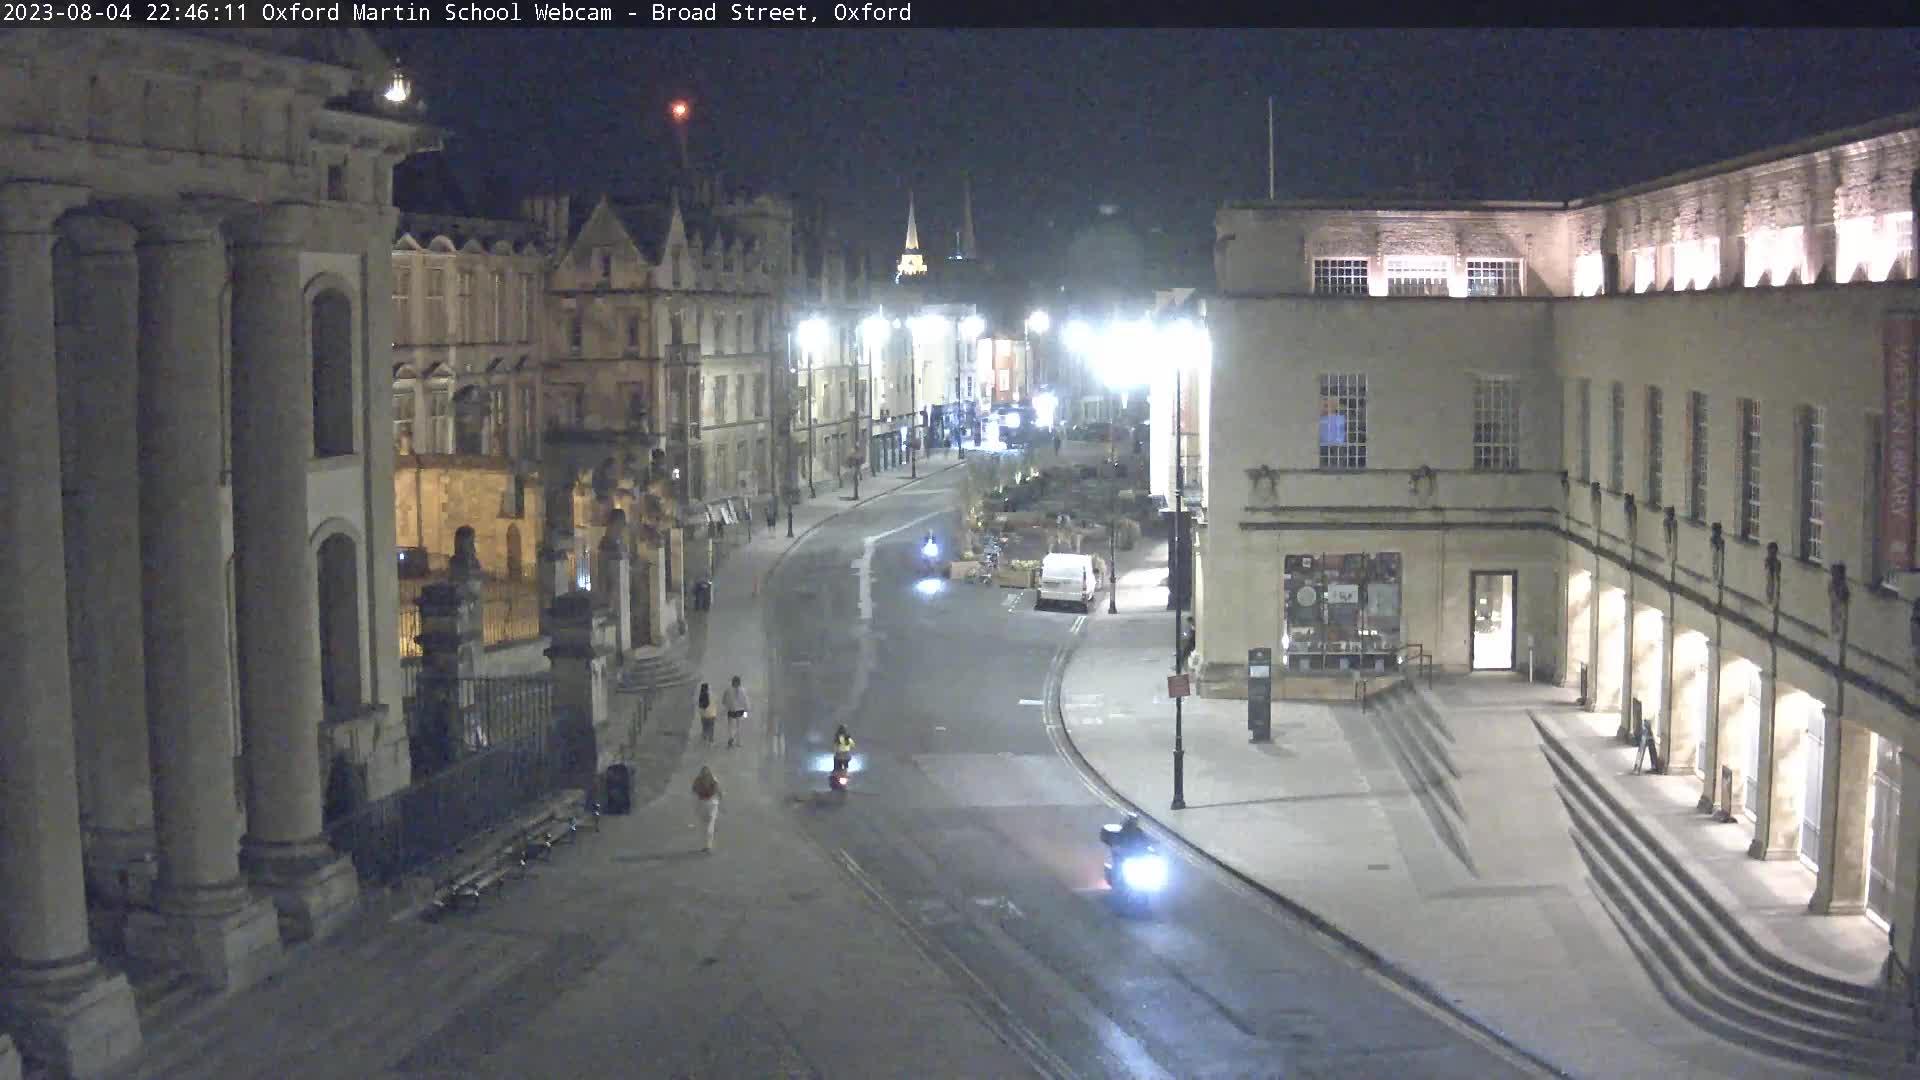 Oxford Sun. 22:46